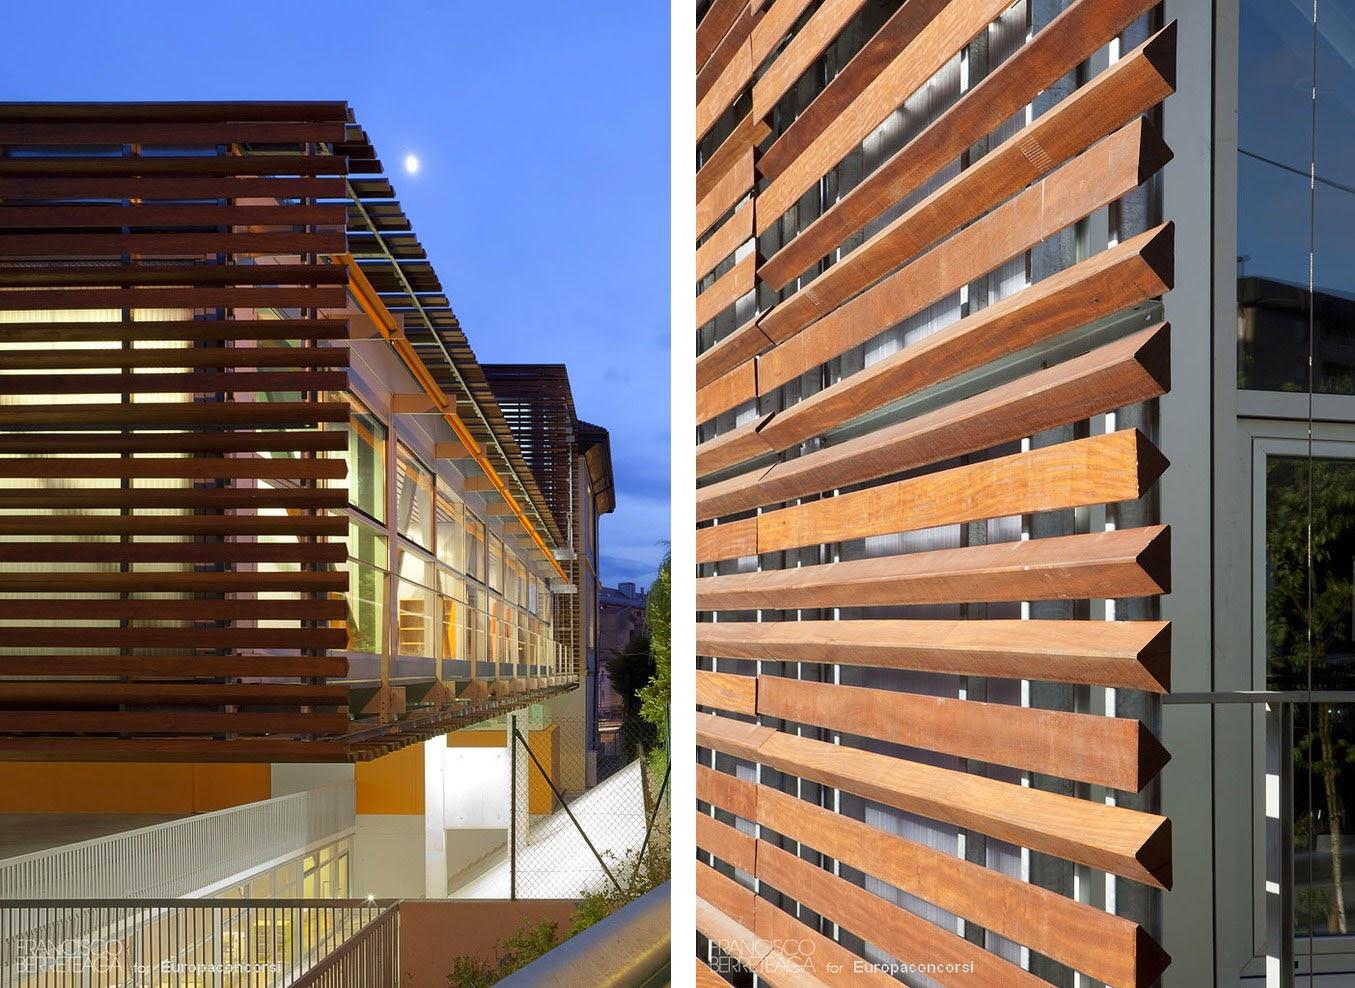 Colegio gandasegi francisco berreteaga espacios en madera for Celosias en madera